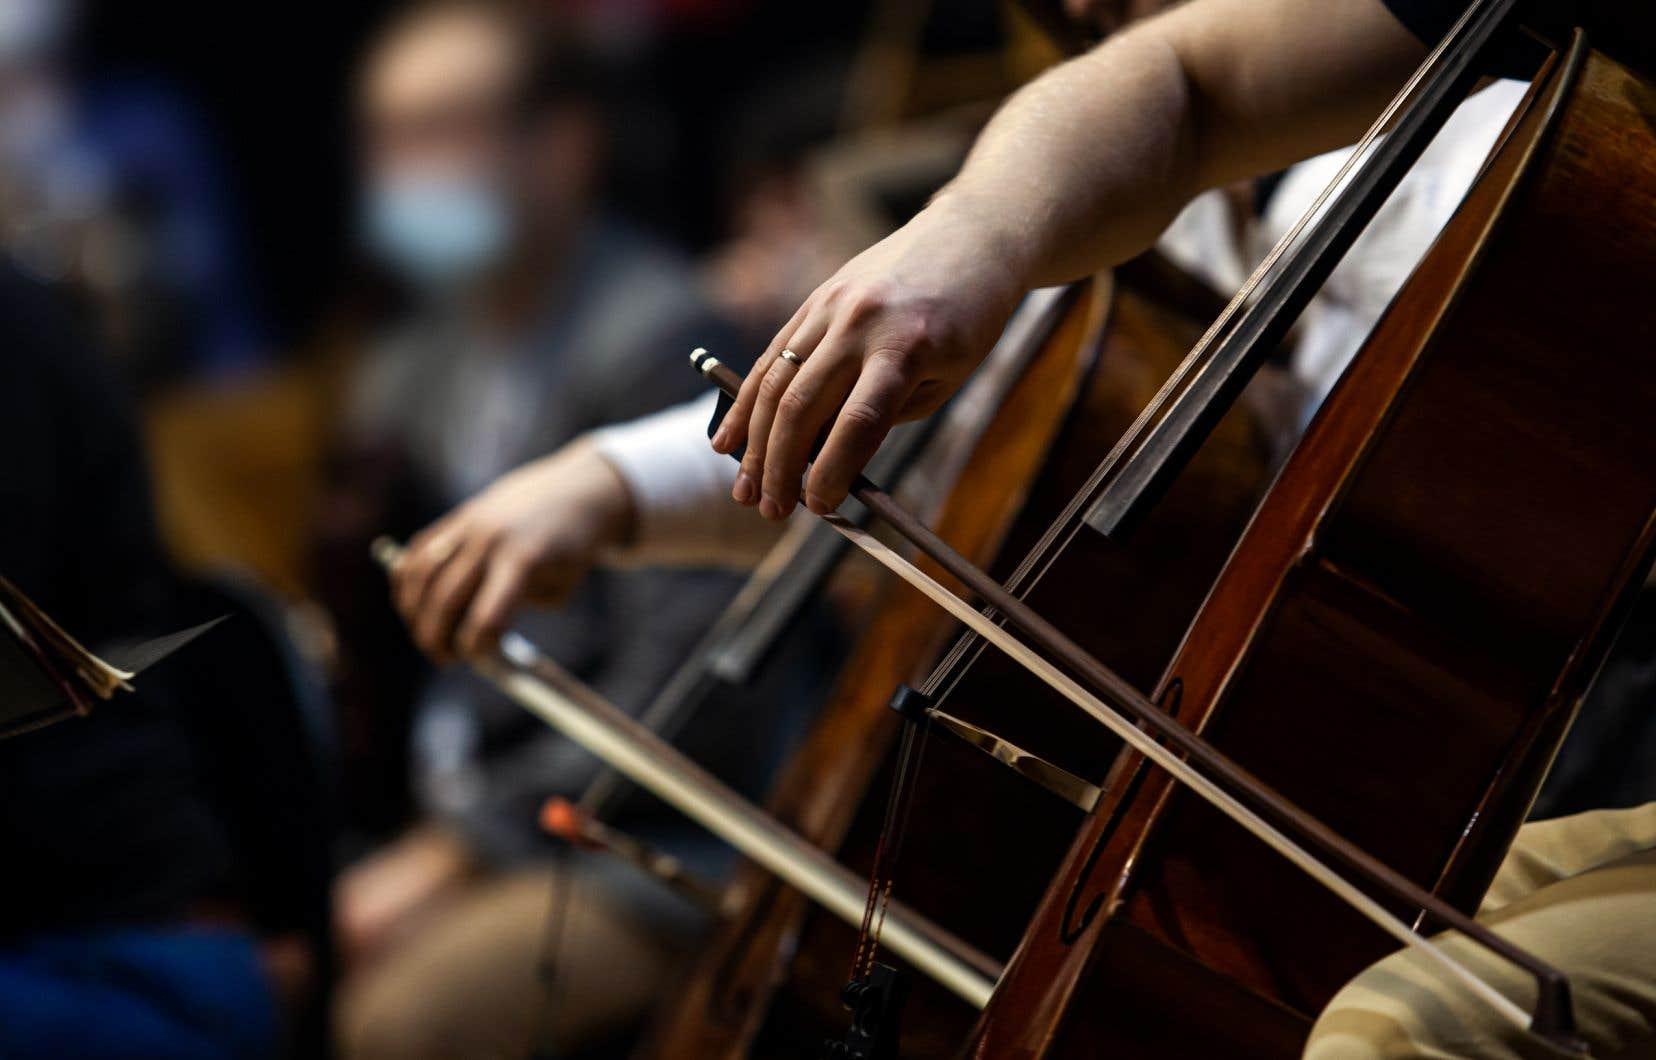 On compte aujourd'hui moins de 10% de femmes professeures en composition musicale dans les établissements d'enseignement supérieur.